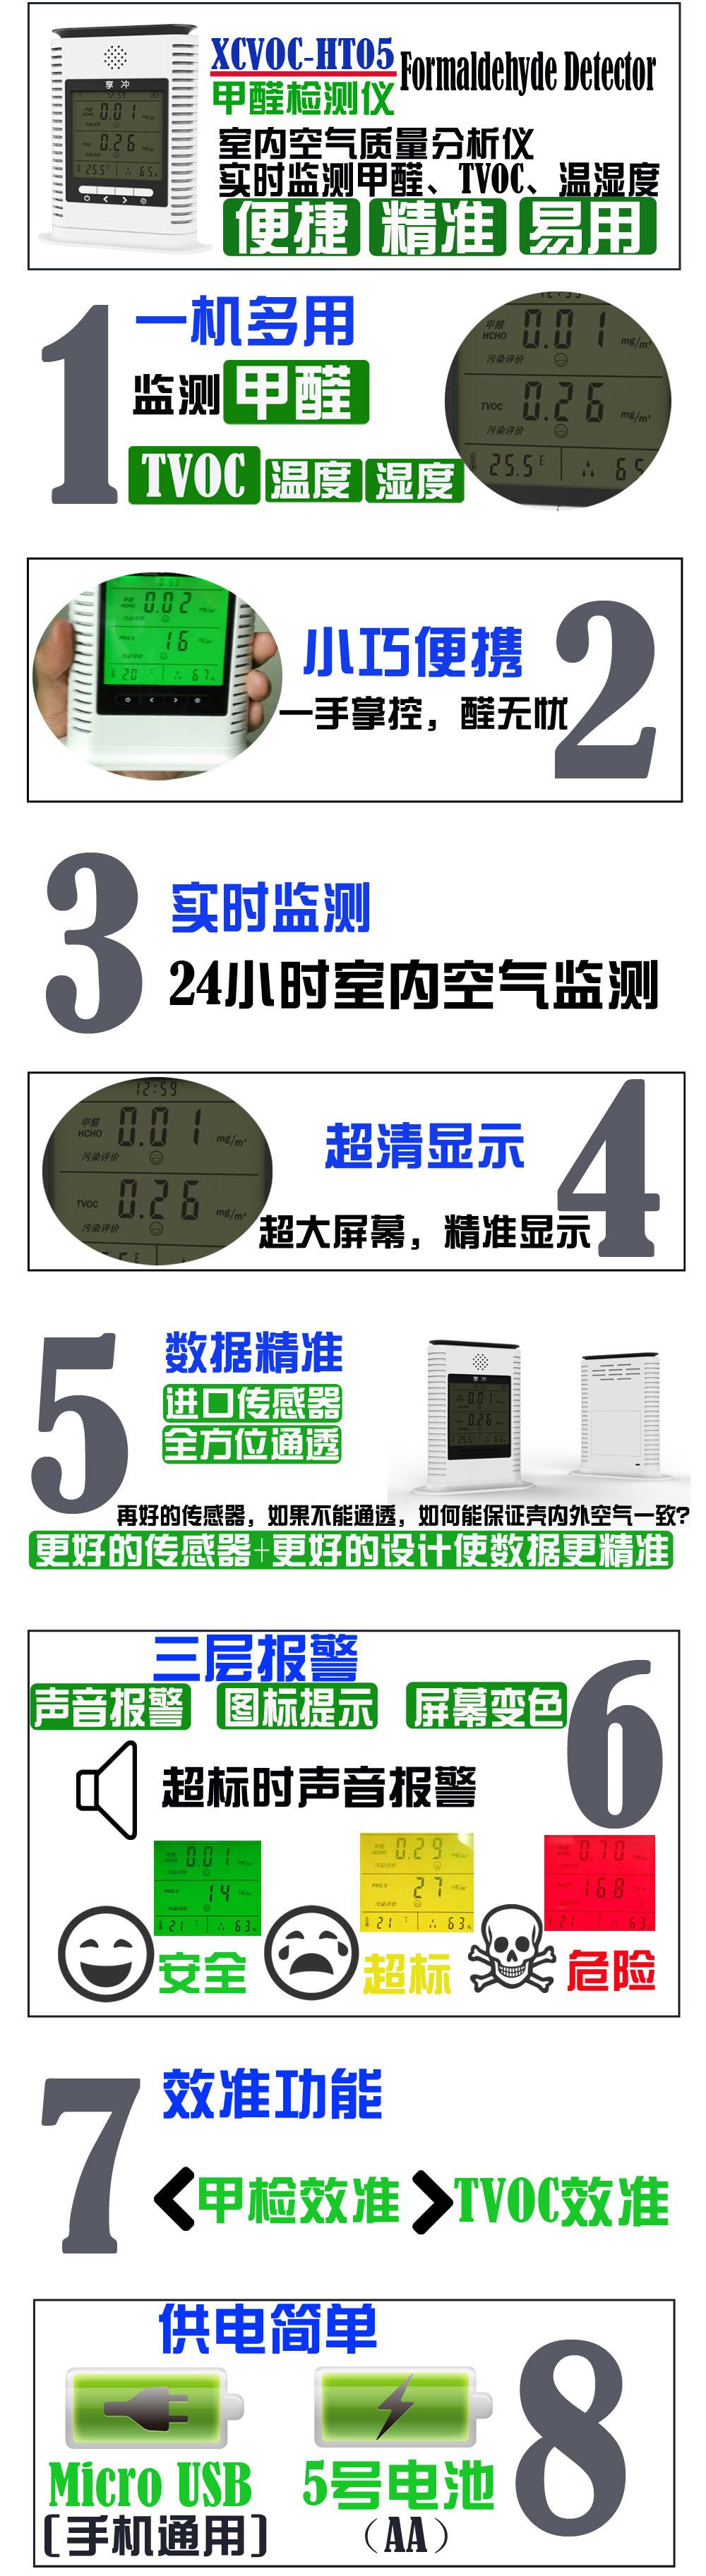 甲醛检测仪32